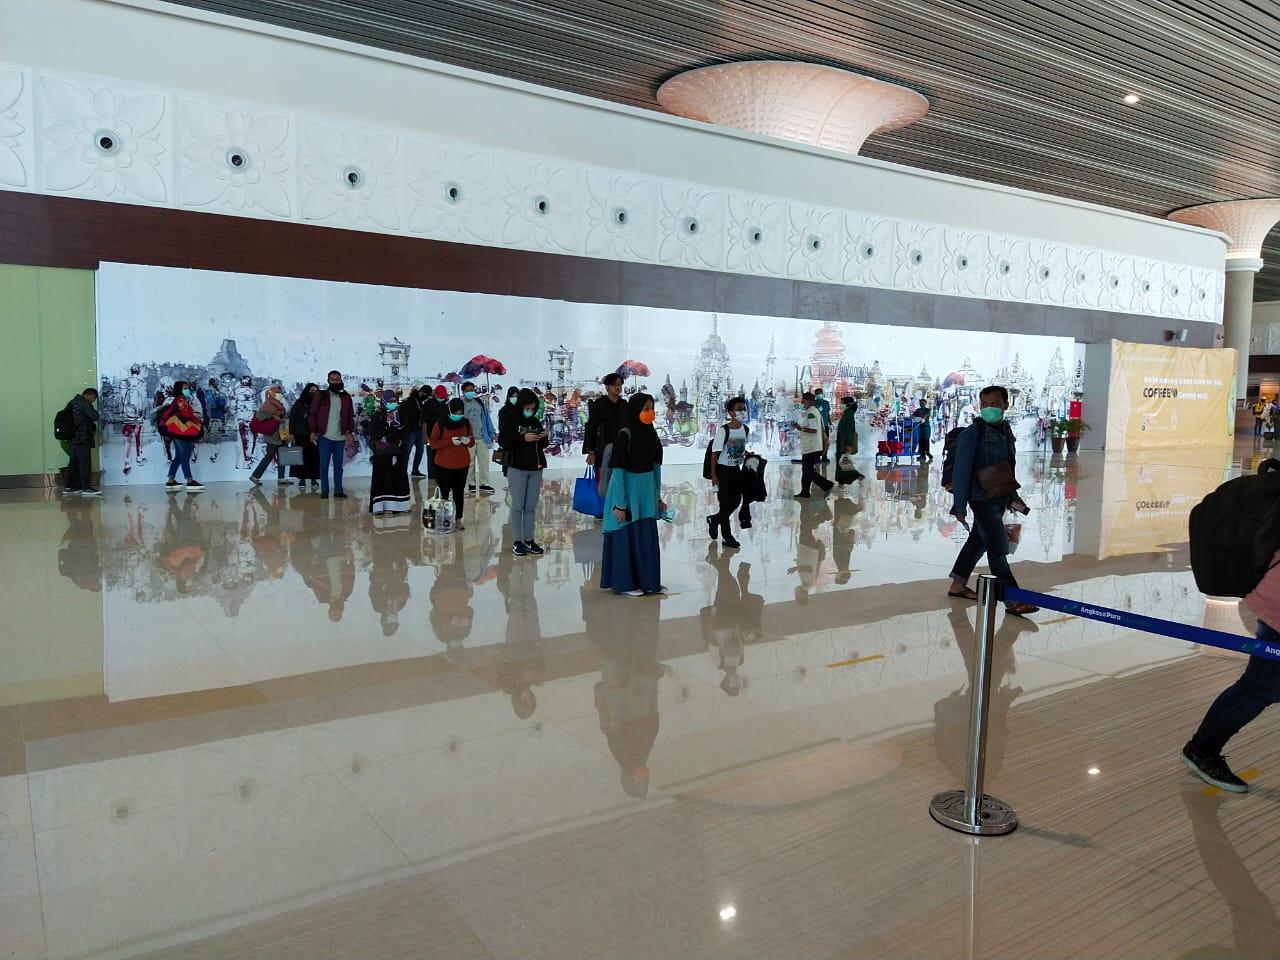 https: img.okezone.com content 2020 03 29 320 2190836 bandara-internasional-yogyakarta-mulai-beroperasi-penuh-AnxEyjAKNR.jpg